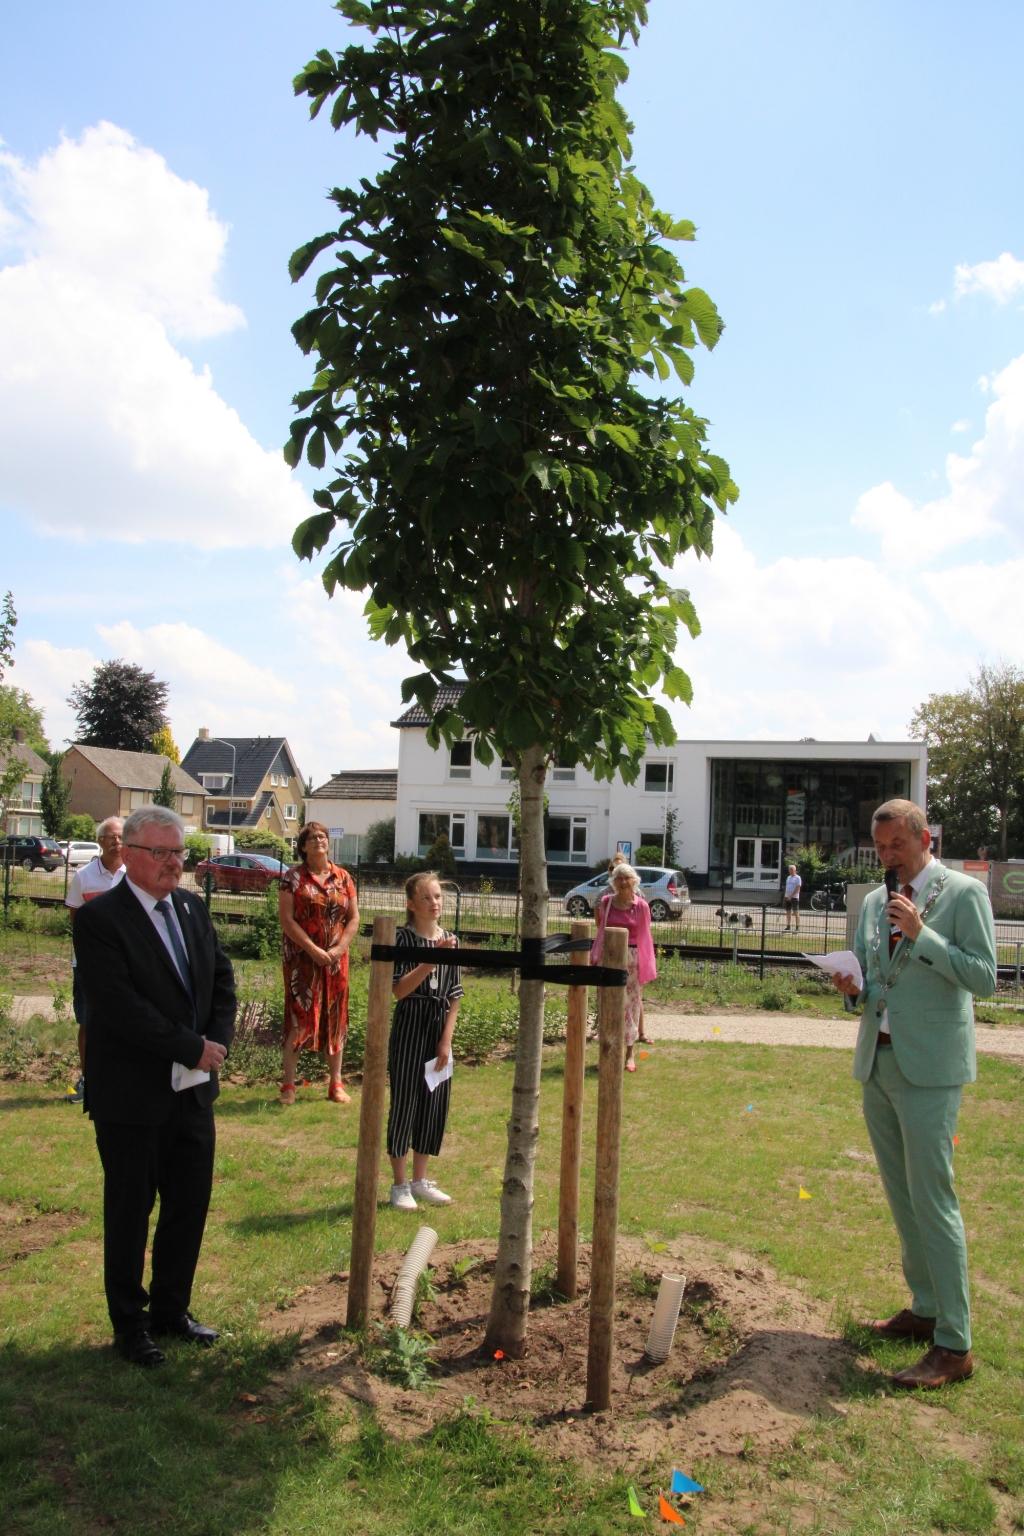 Burgemeester Anton Stapelkamp spreekt bij de Vrijheidsboom. Links burgemeester Nebelo, achter de boom kinderburgemeester Rosanne Lohuis. Foto: Lydia ter Welle